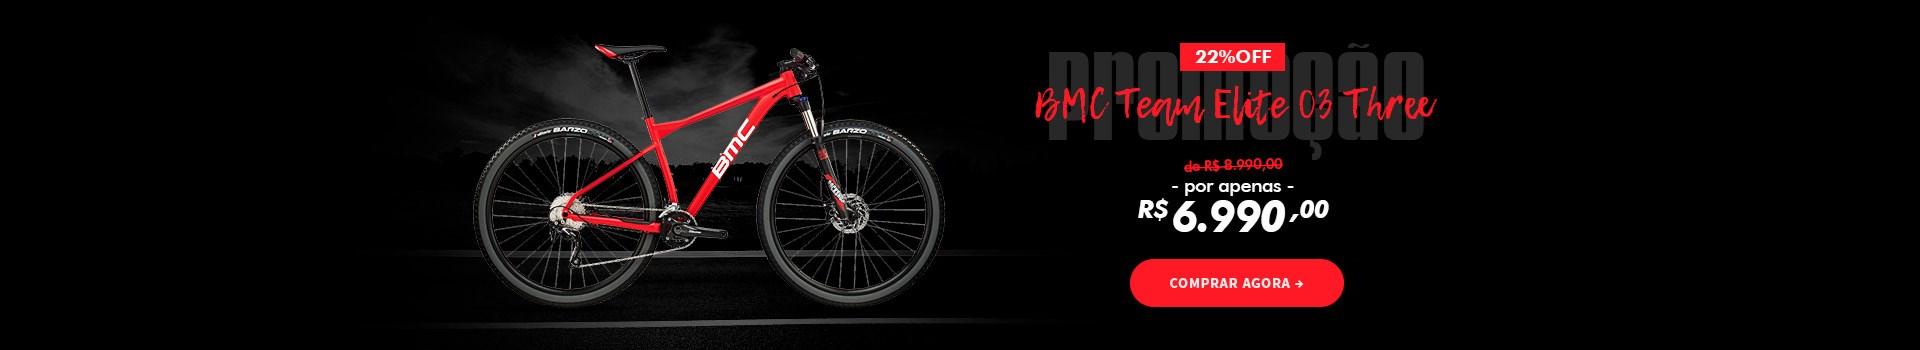 BMC Team Elite 03 Three em promoção